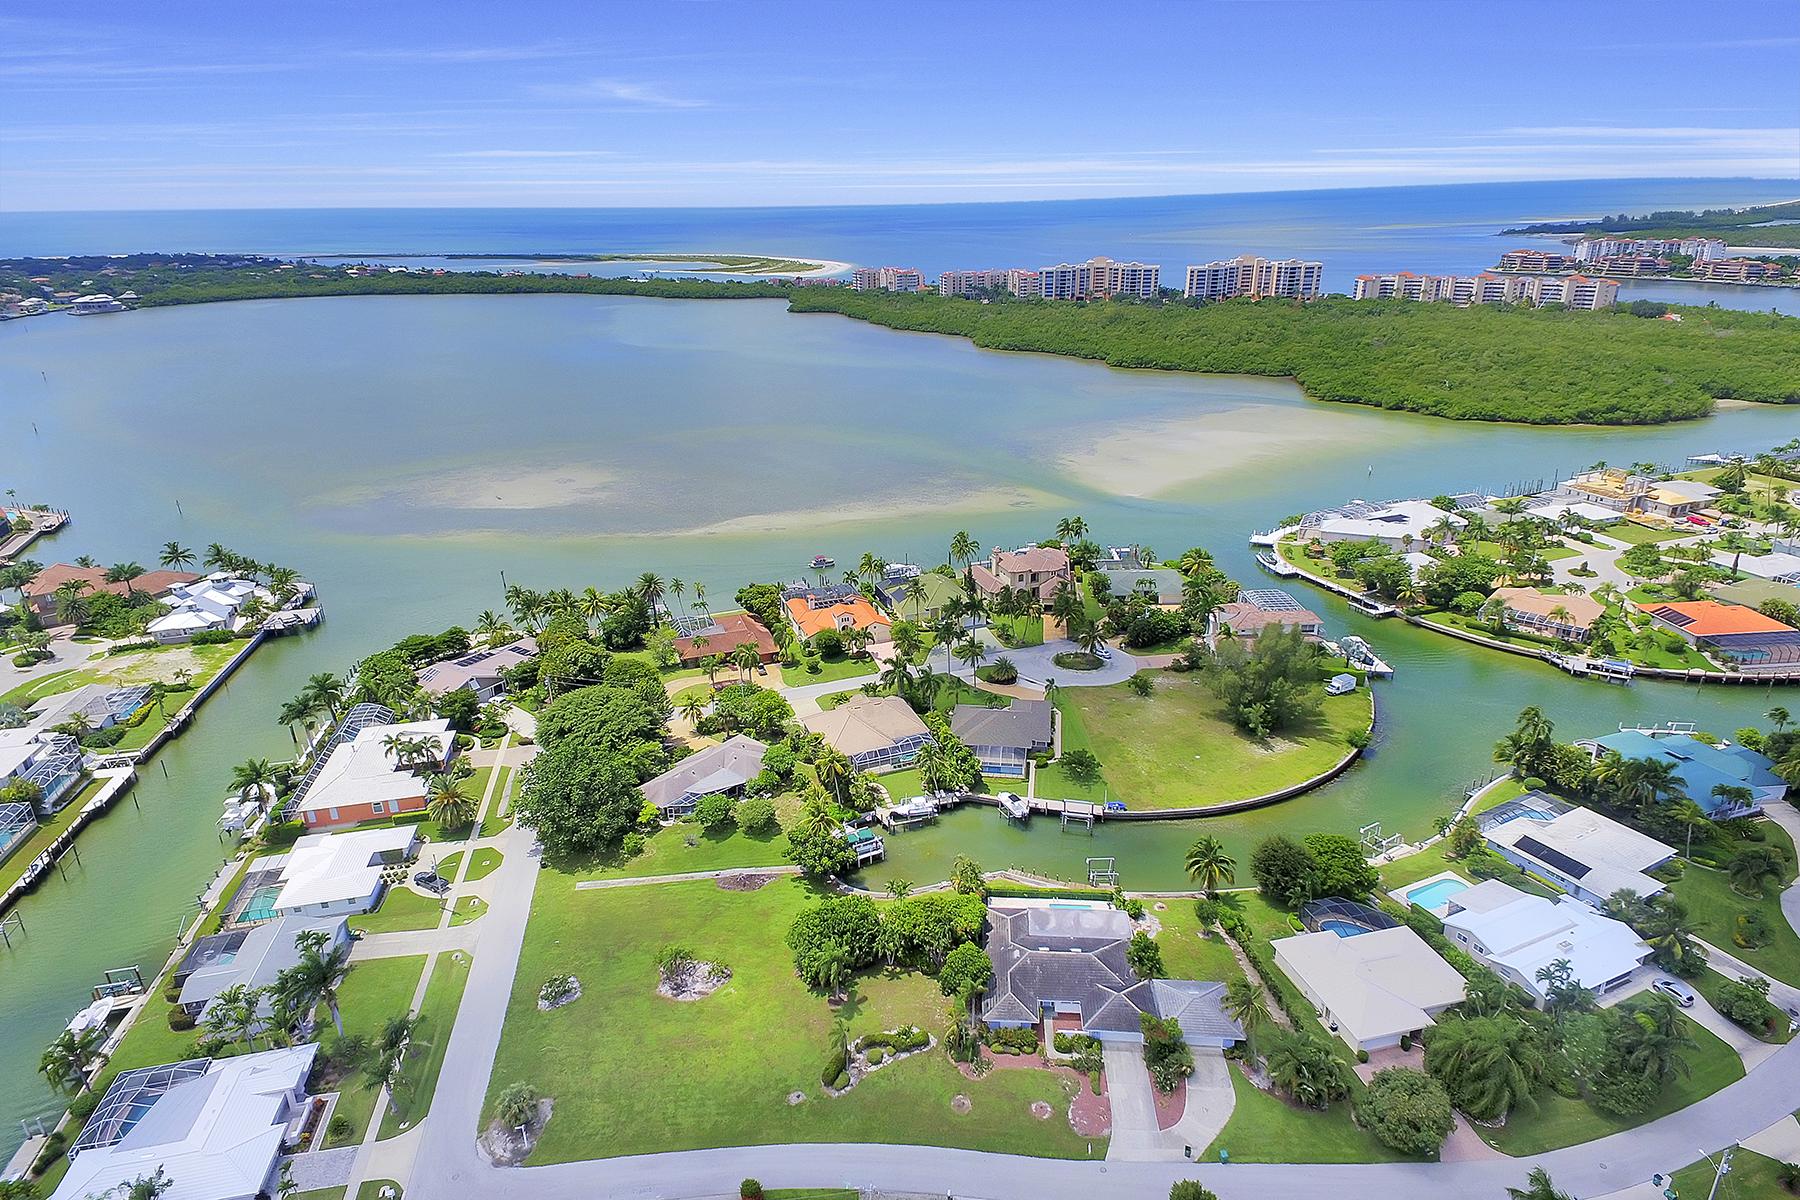 Terreno para Venda às MARCO ISLAND - RUPERT DRIVE 1066 Ruppert Rd Marco Island, Florida, 34145 Estados Unidos